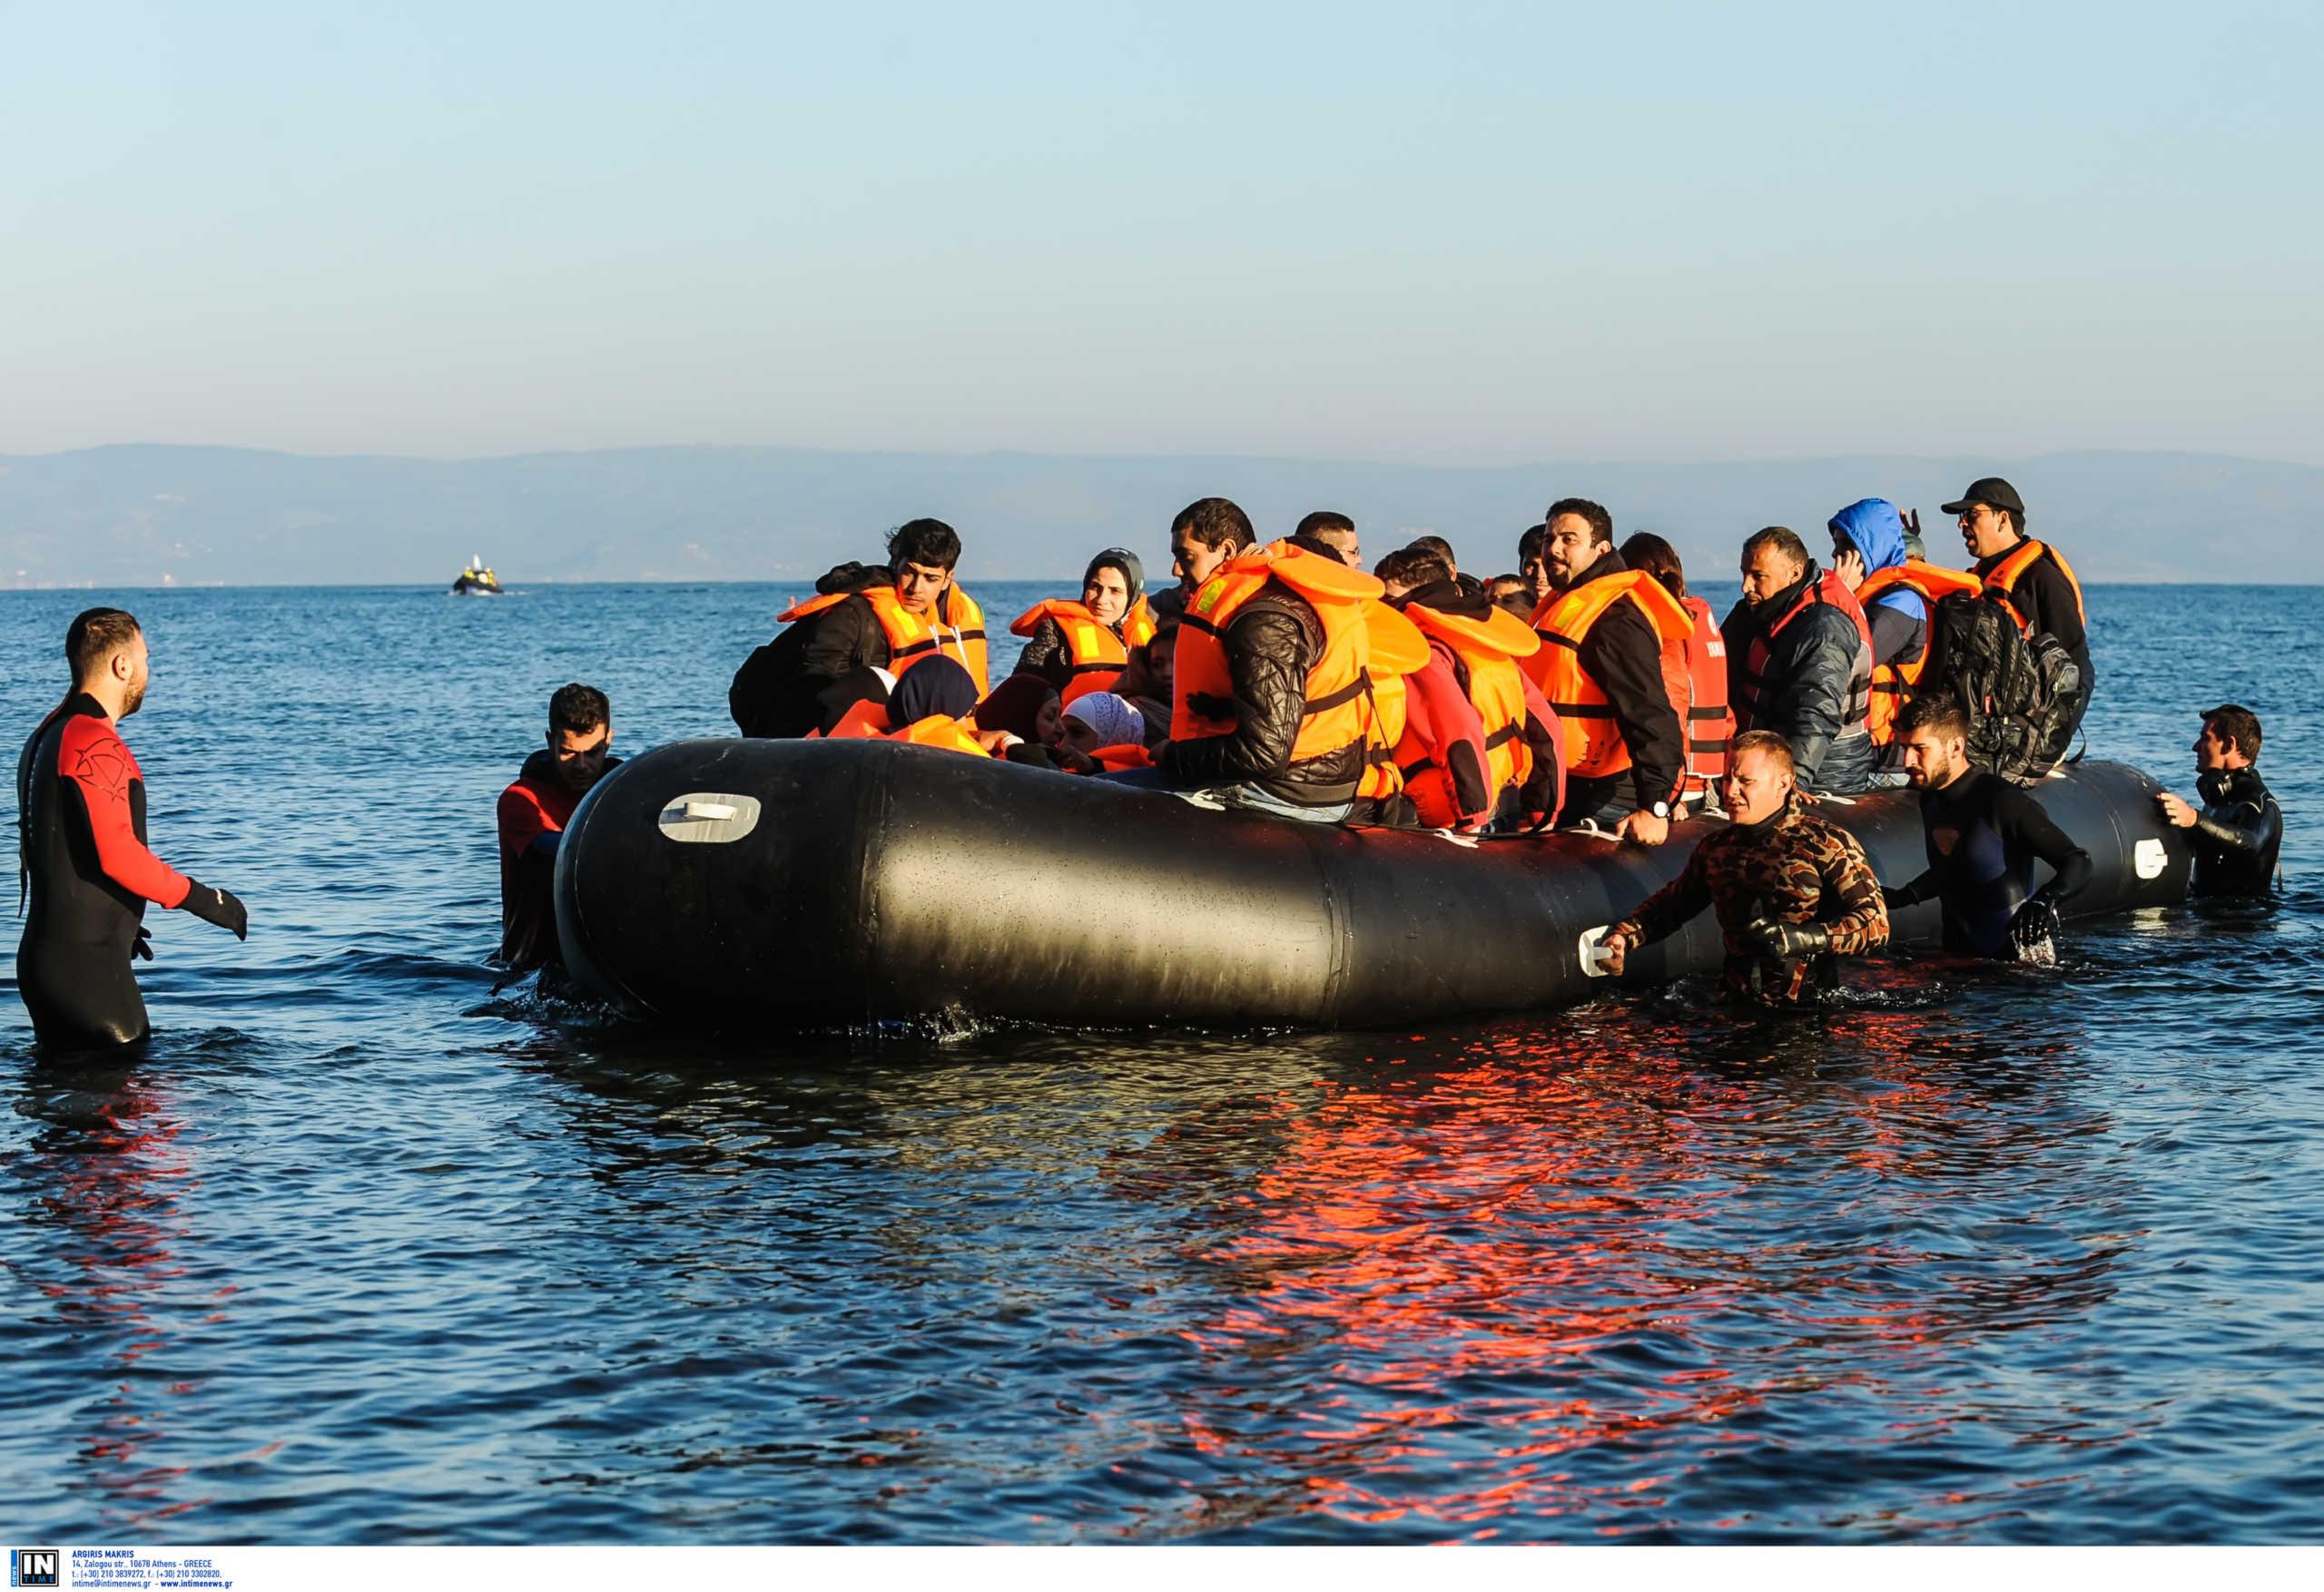 Μυτιλήνη: Ναυάγιο με τουλάχιστον ένα νεκρό και 11 αγνοούμενους – Νέα τραγωδία στο Αιγαίο (video)